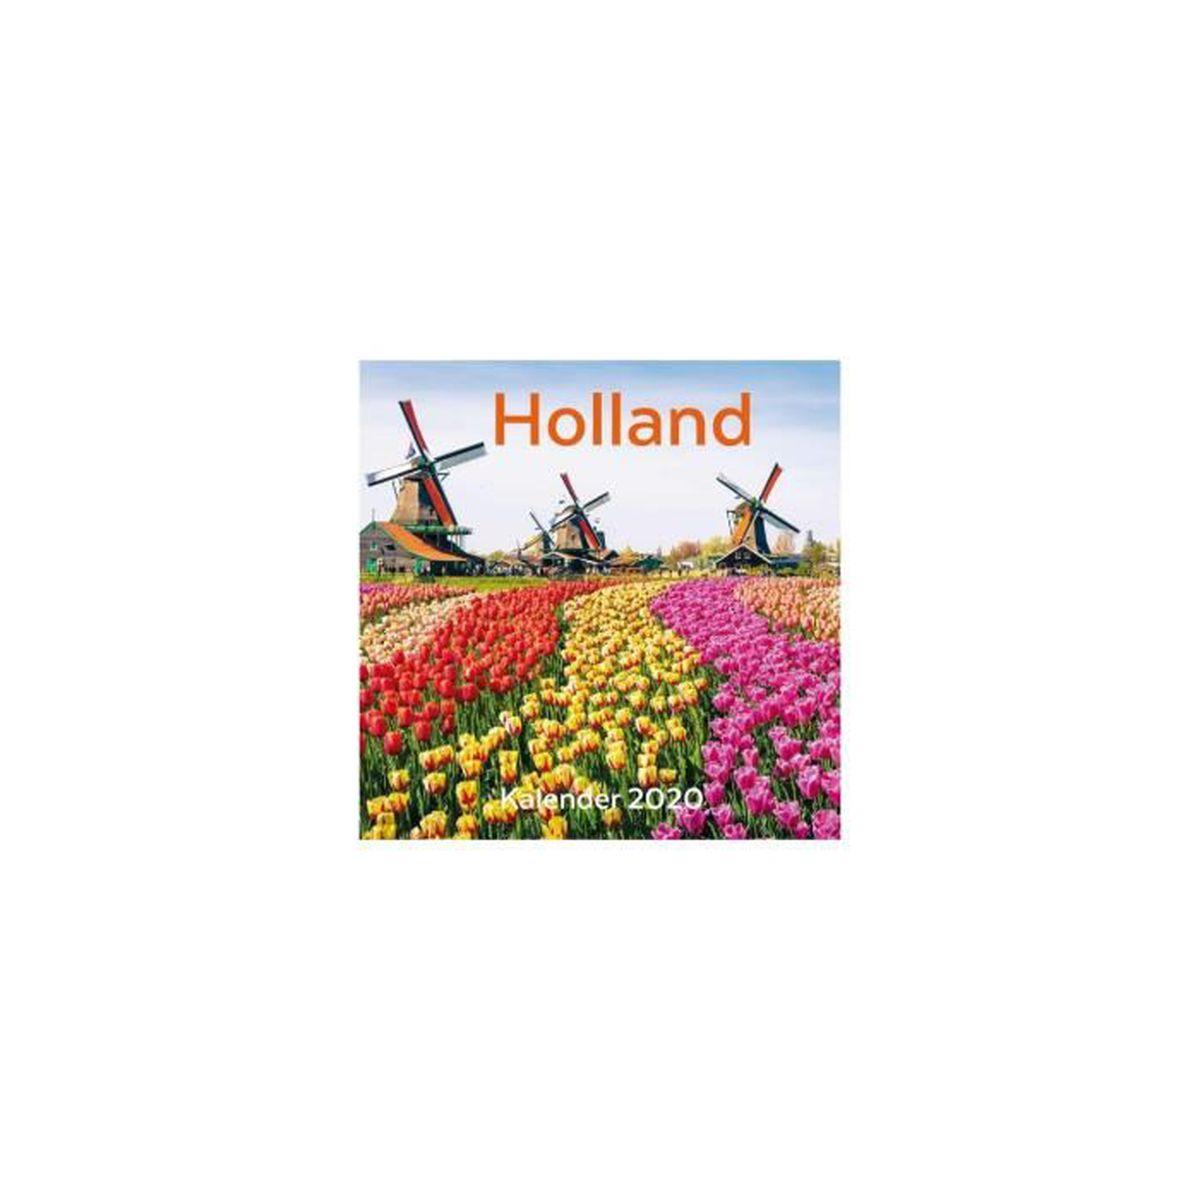 CALENDRIER 2020 HOLLANDE   Achat / Vente calendrier   ephemeride